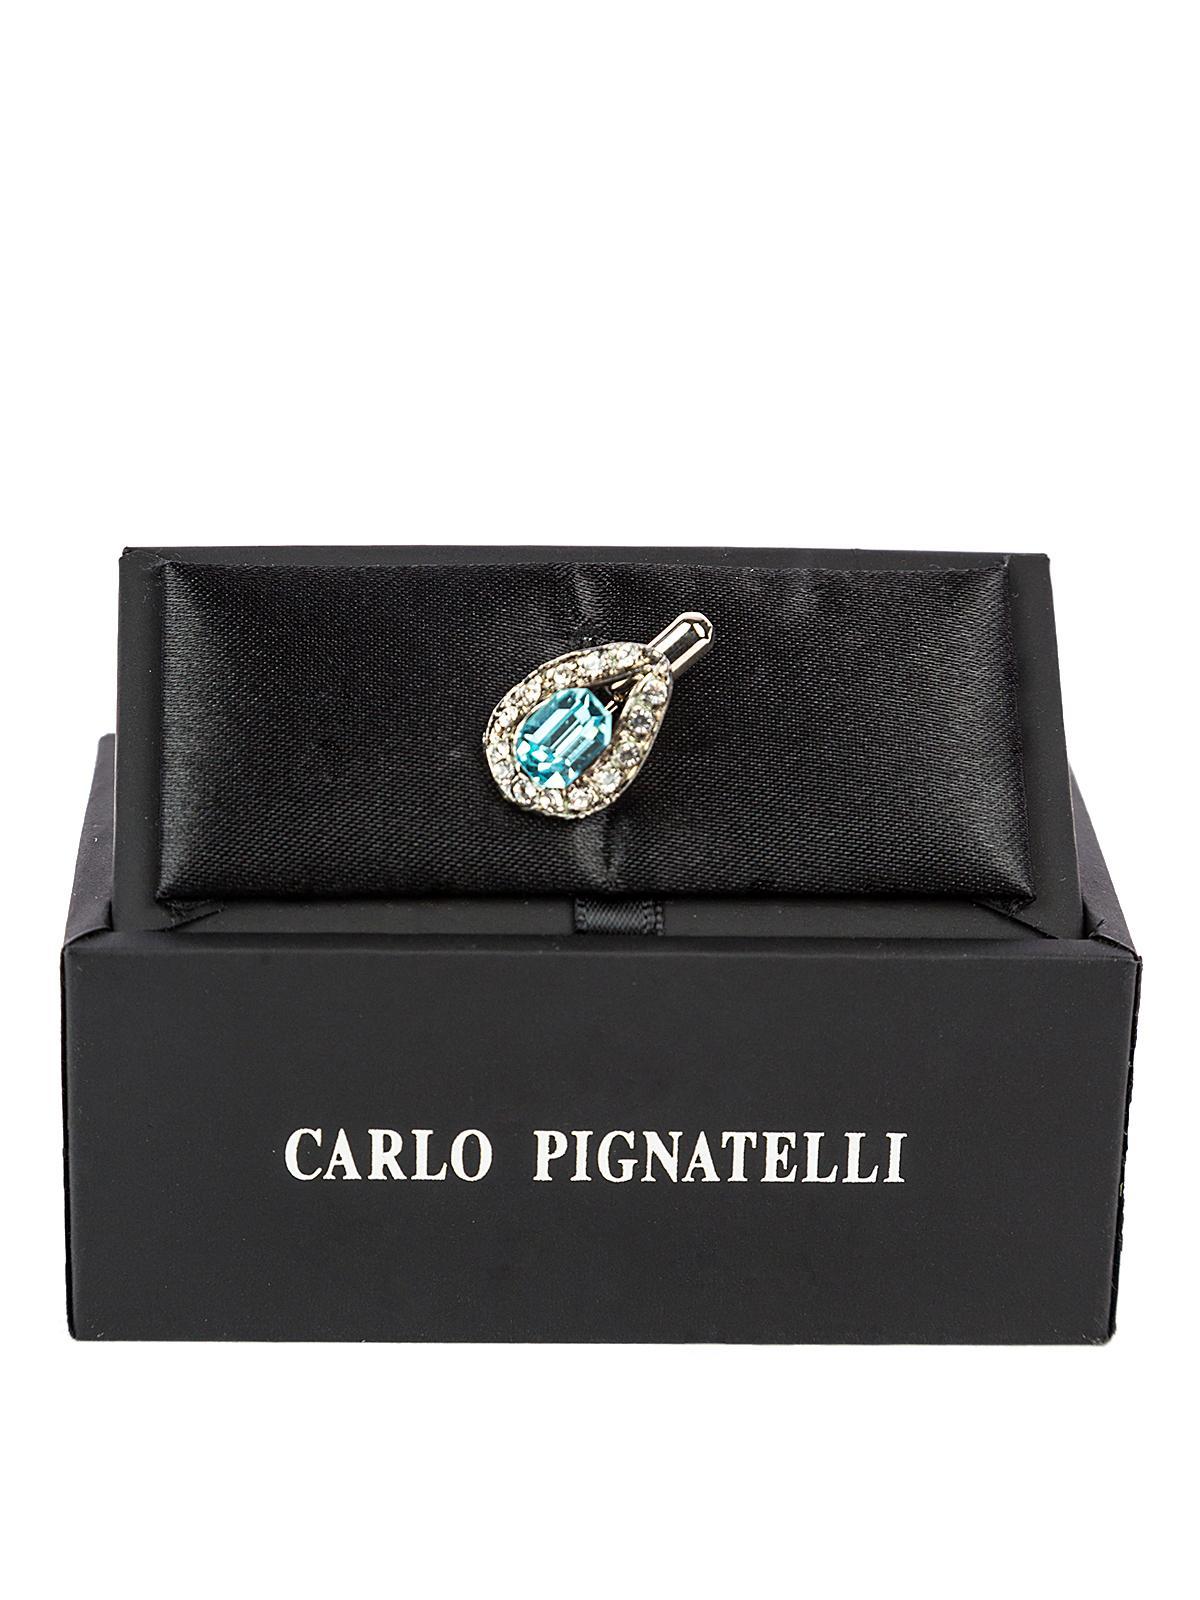 Carlo Pignatelli Spillone SP008014